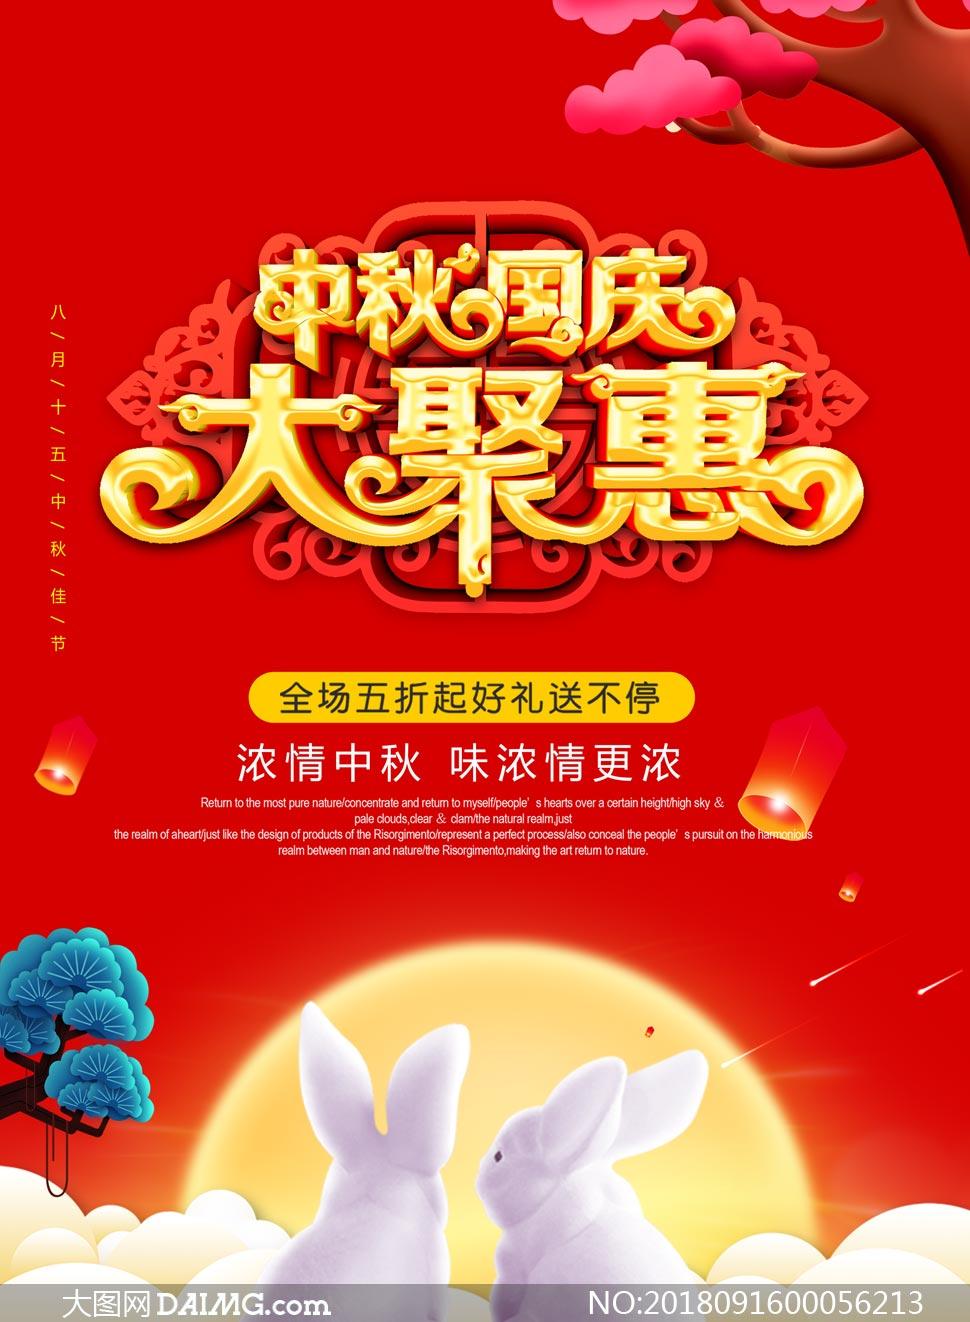 中秋国庆大聚惠海报psd素材